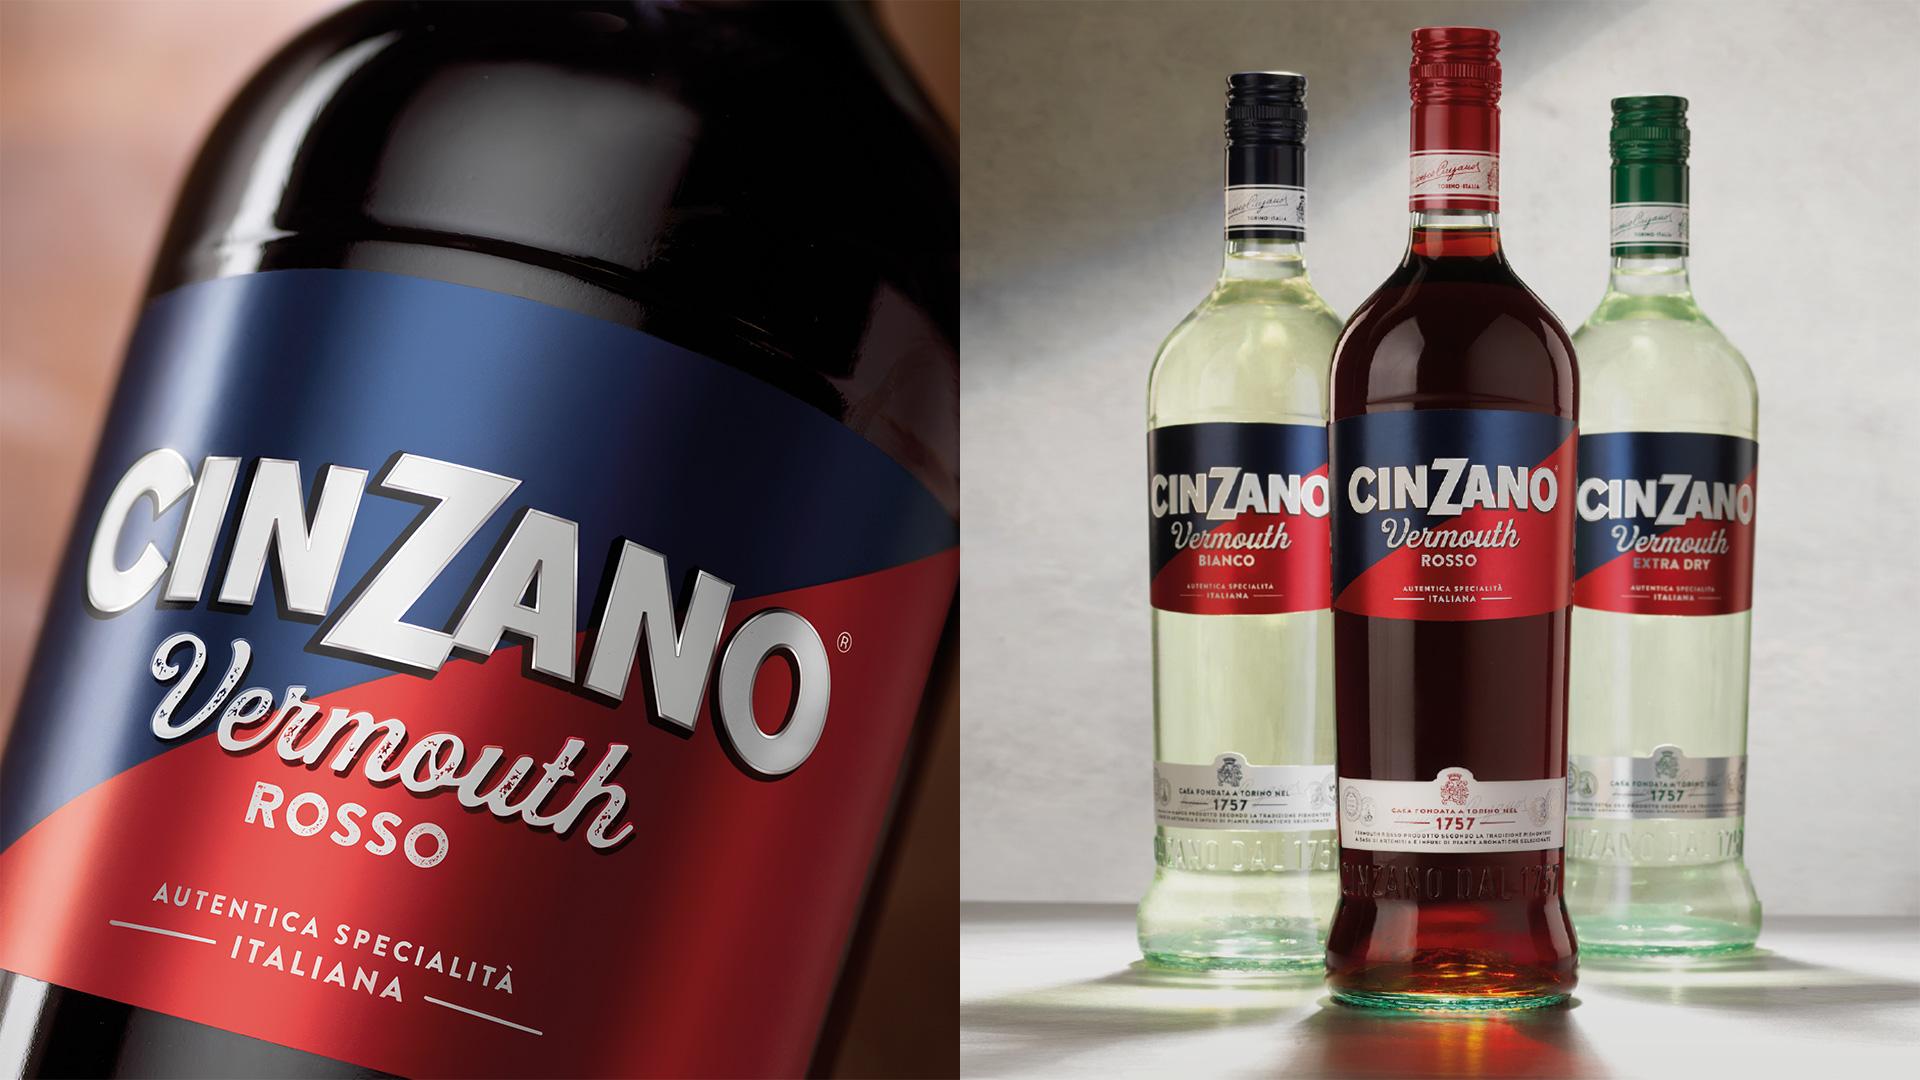 Cinzano-Rba-Design-004